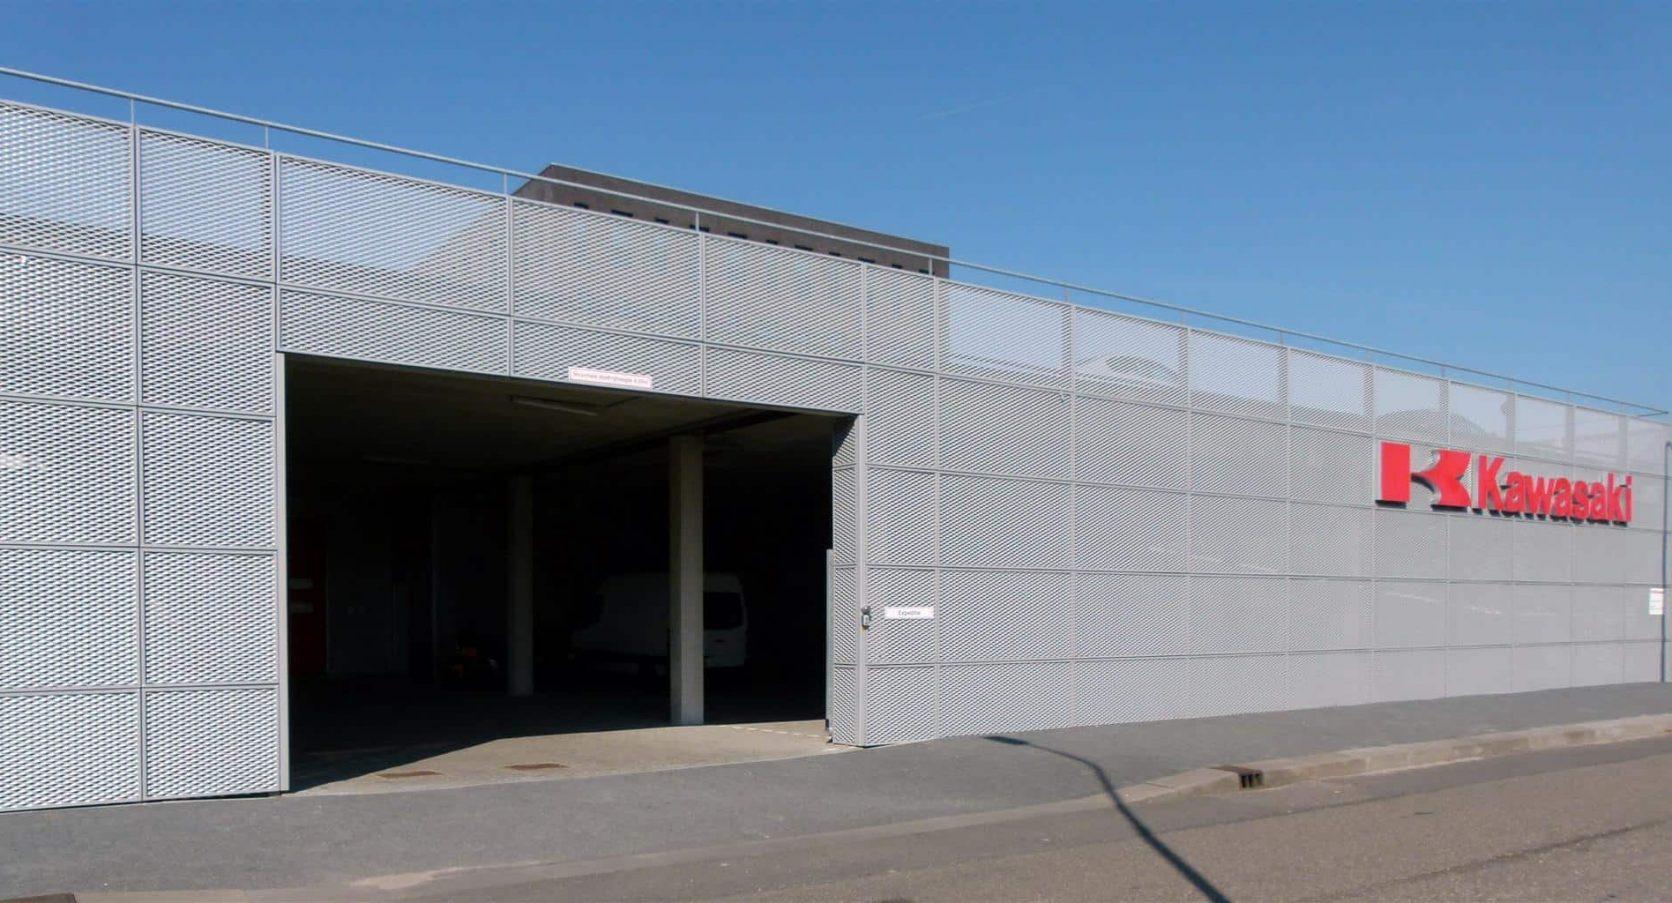 Ingang van MD Strekmetaal gevelbekleding bij de Parkeergarage Kawasaki in Hoofddorp